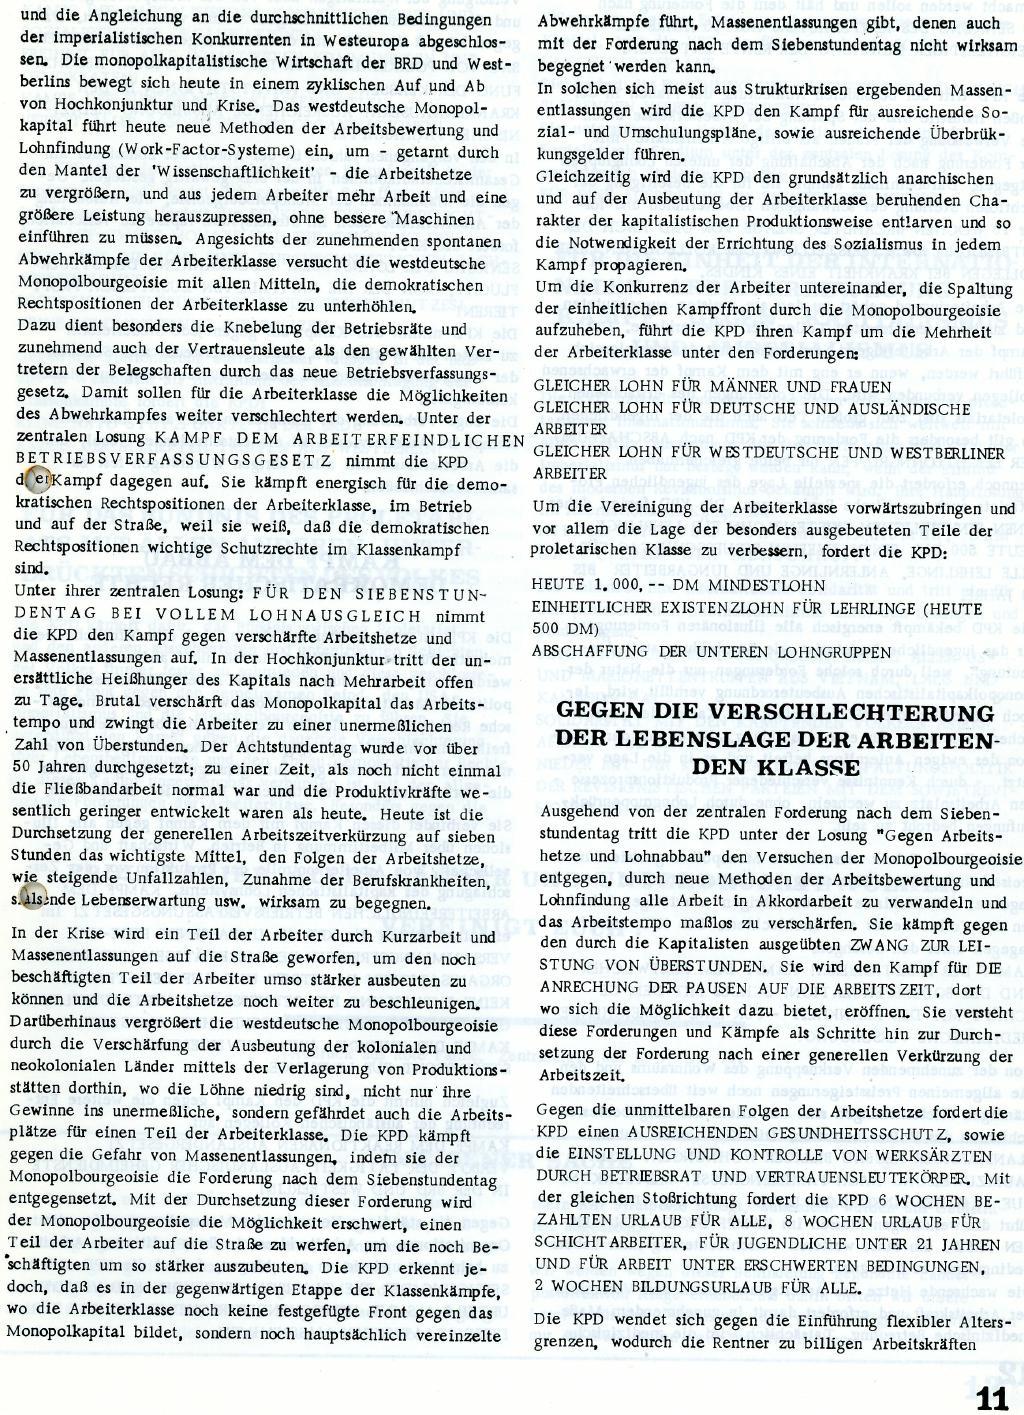 RPK_1971_126_127_11